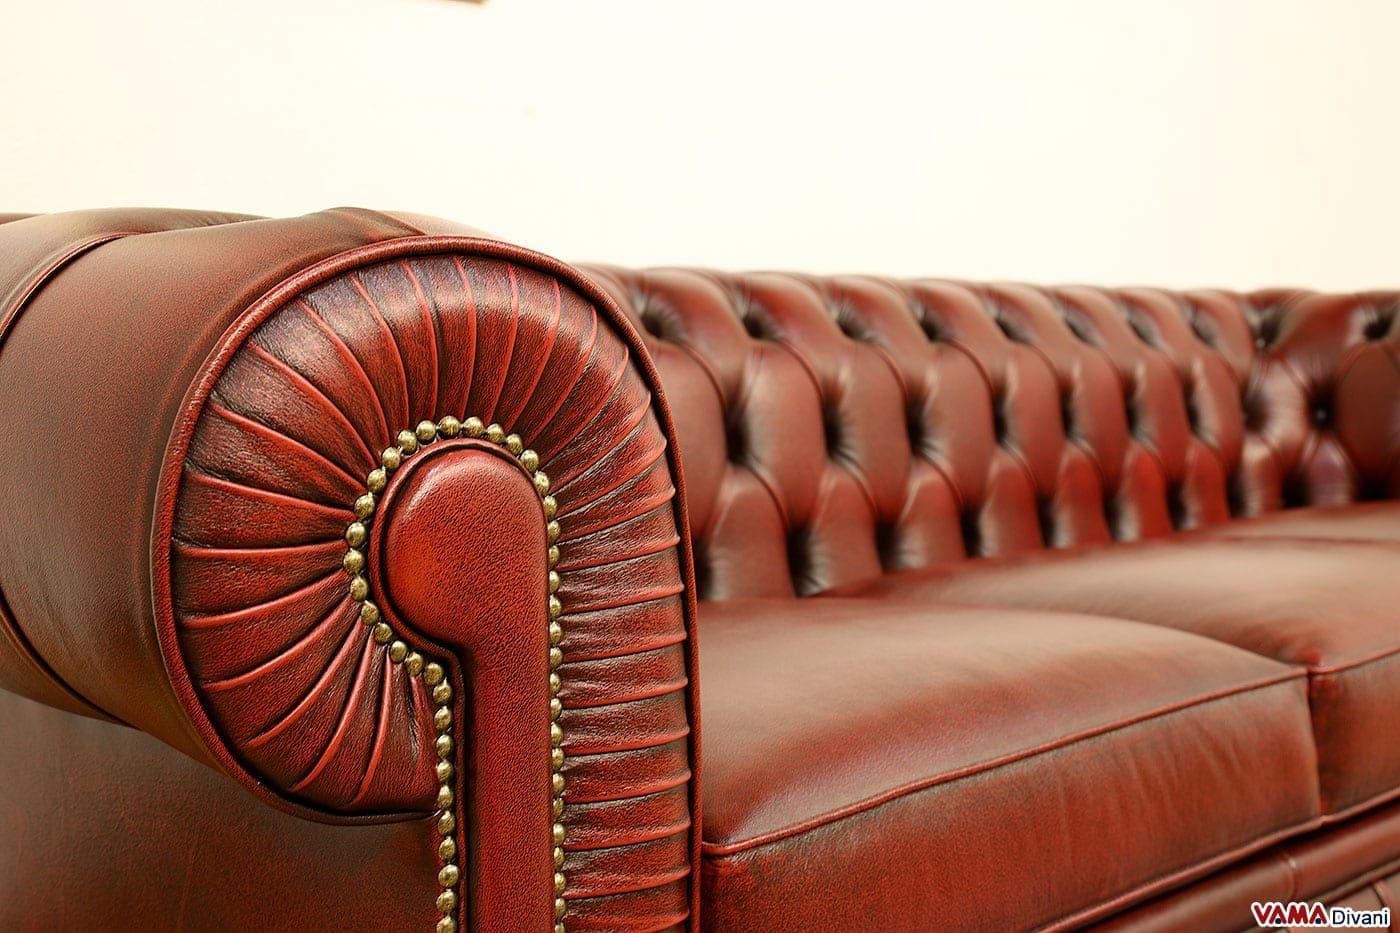 Divano chesterfield 3 posti prezzo e dimensioni - Divano in pelle rosso ...